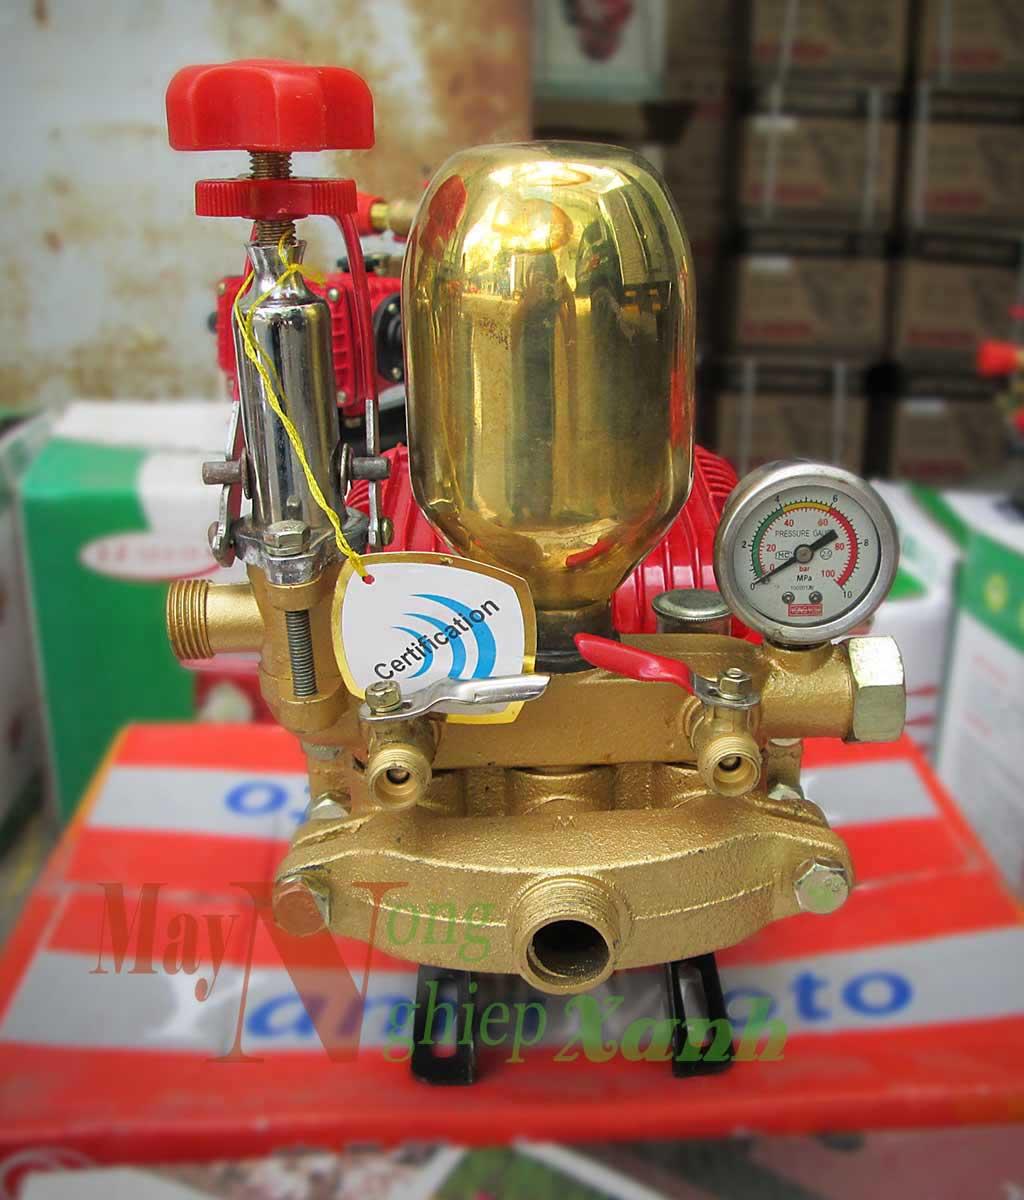 dau phun ap luc Yamamoto ys45 cong suat 4 - Đầu phun áp lực Yamamoto YS-45 công suất giá rẻ